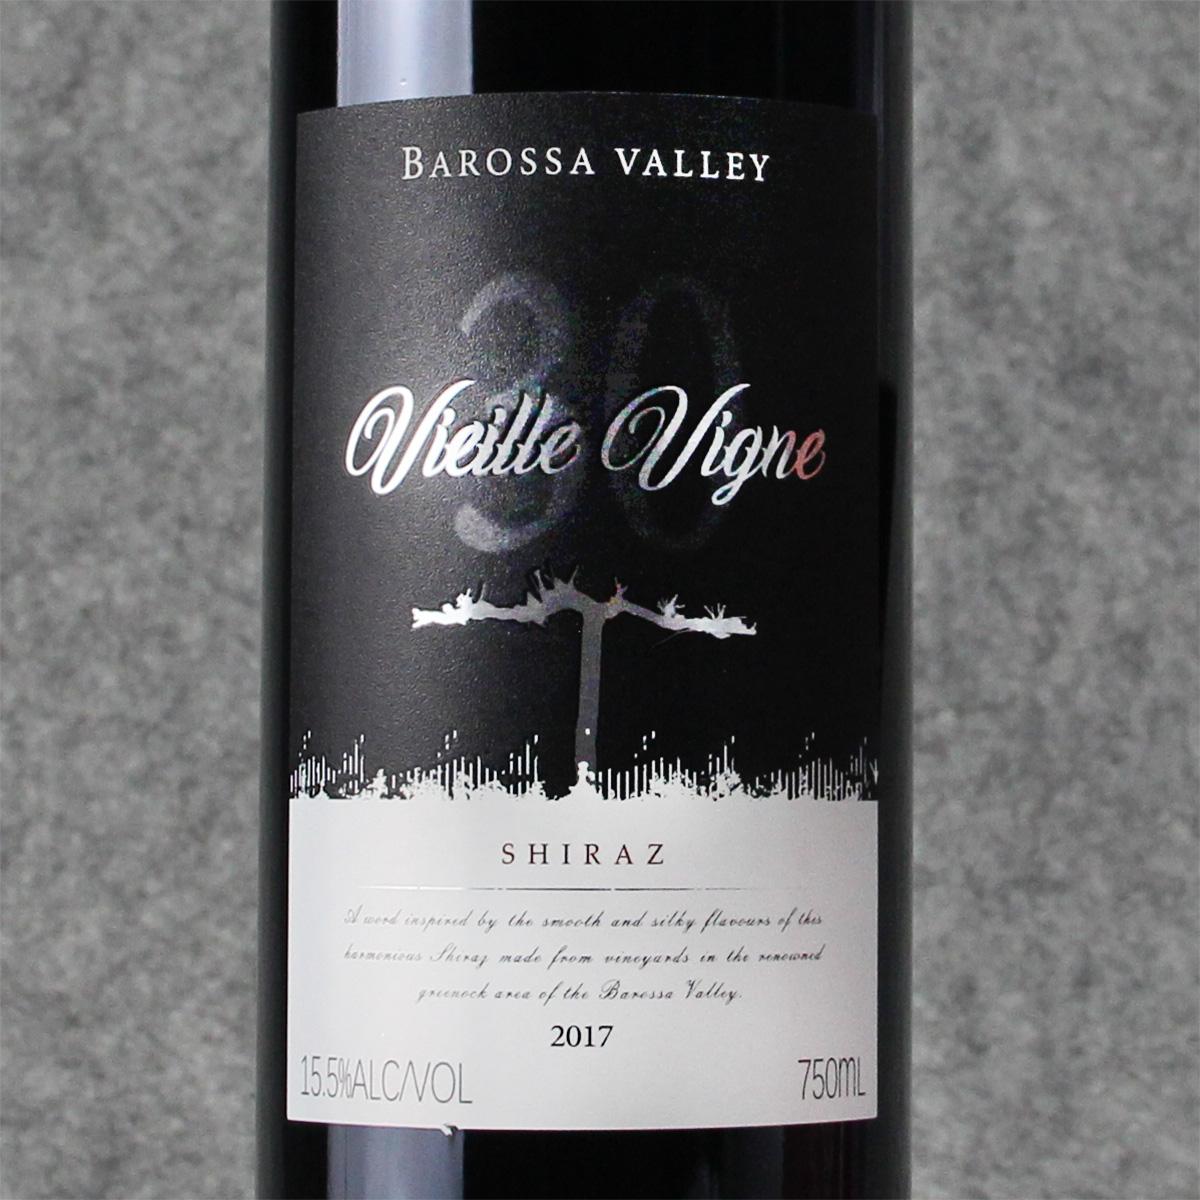 澳大利亚巴罗萨山谷酒满酒庄西拉绝色老藤30干红葡萄酒